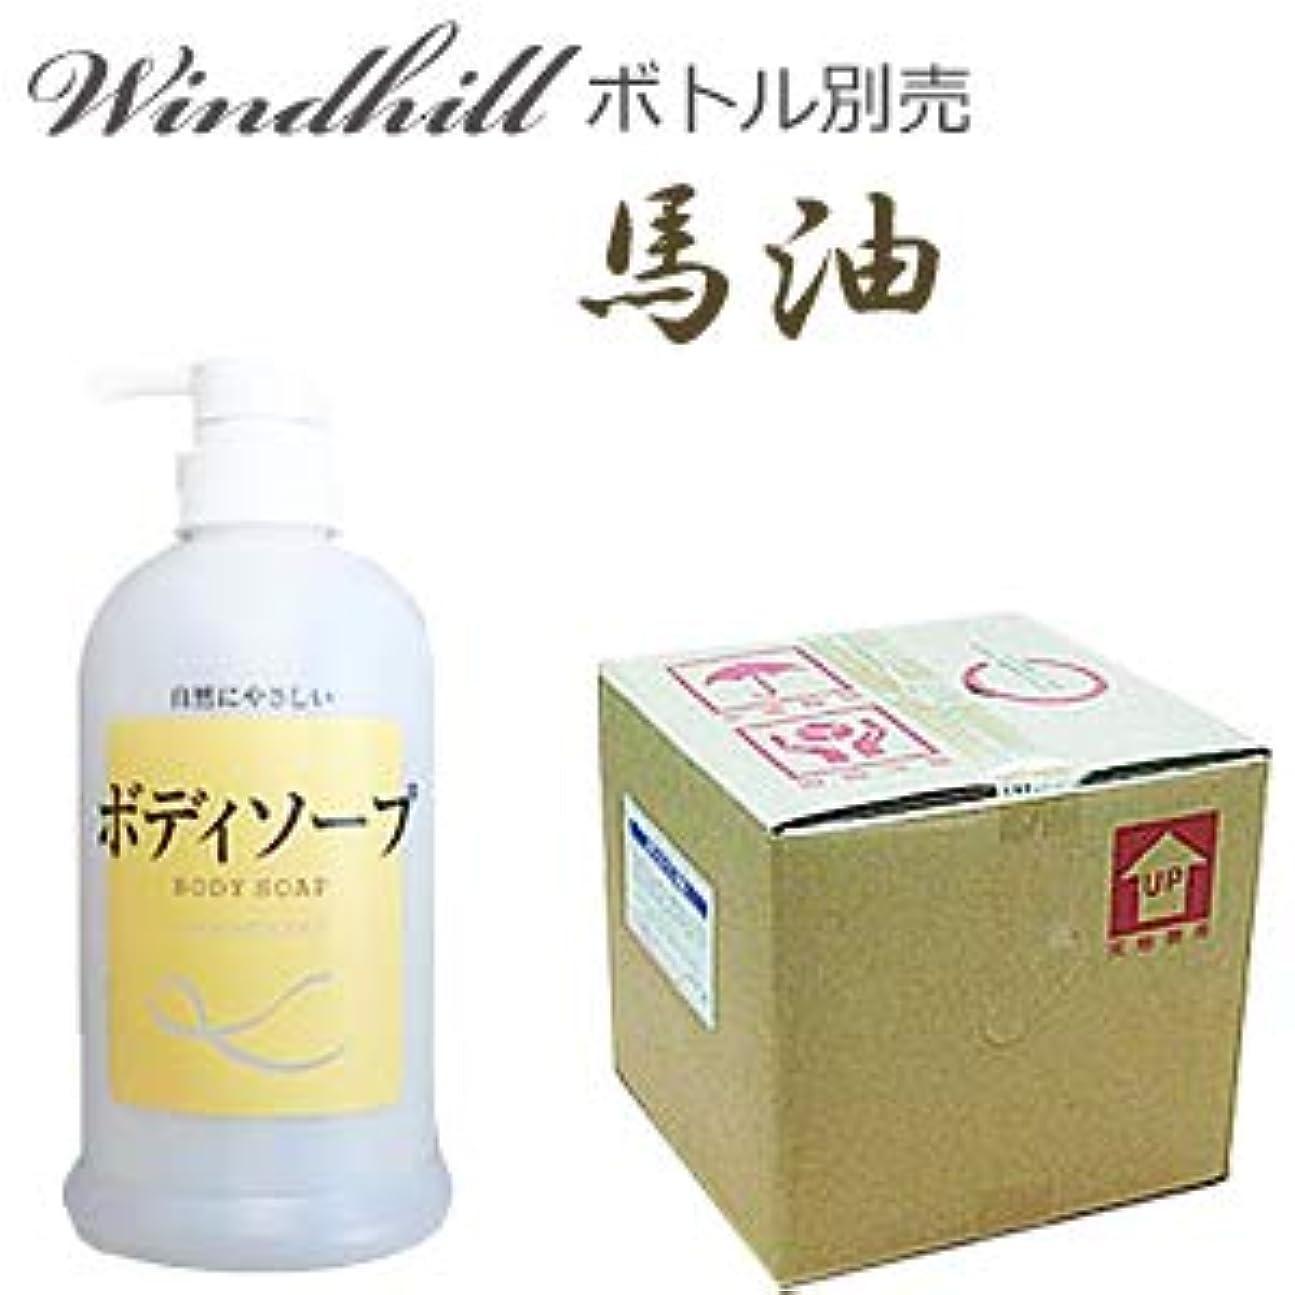 寮プレゼンテーション十分なんと! 500ml当り190円 Windhill 馬油 業務用 ボディソープ   フローラルの香り 20L